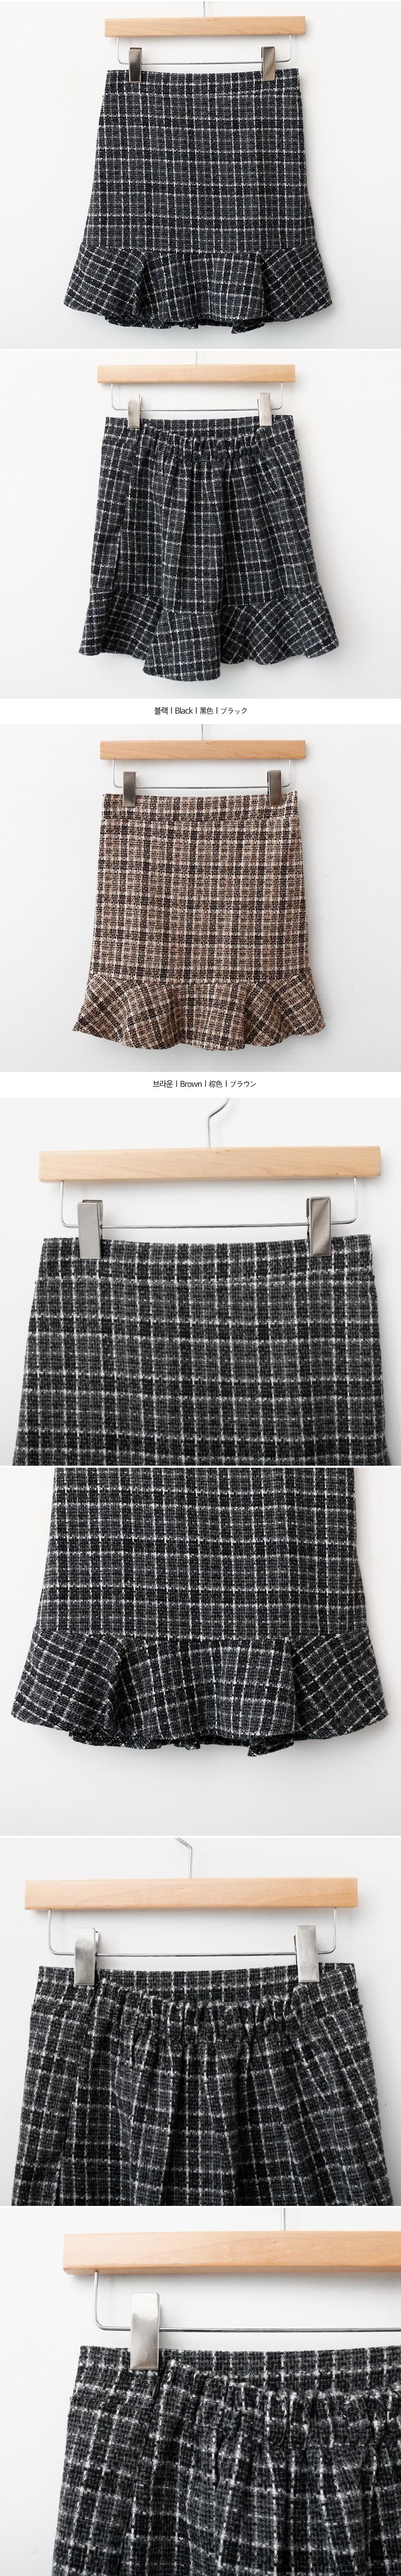 Classic Tulip Skirt